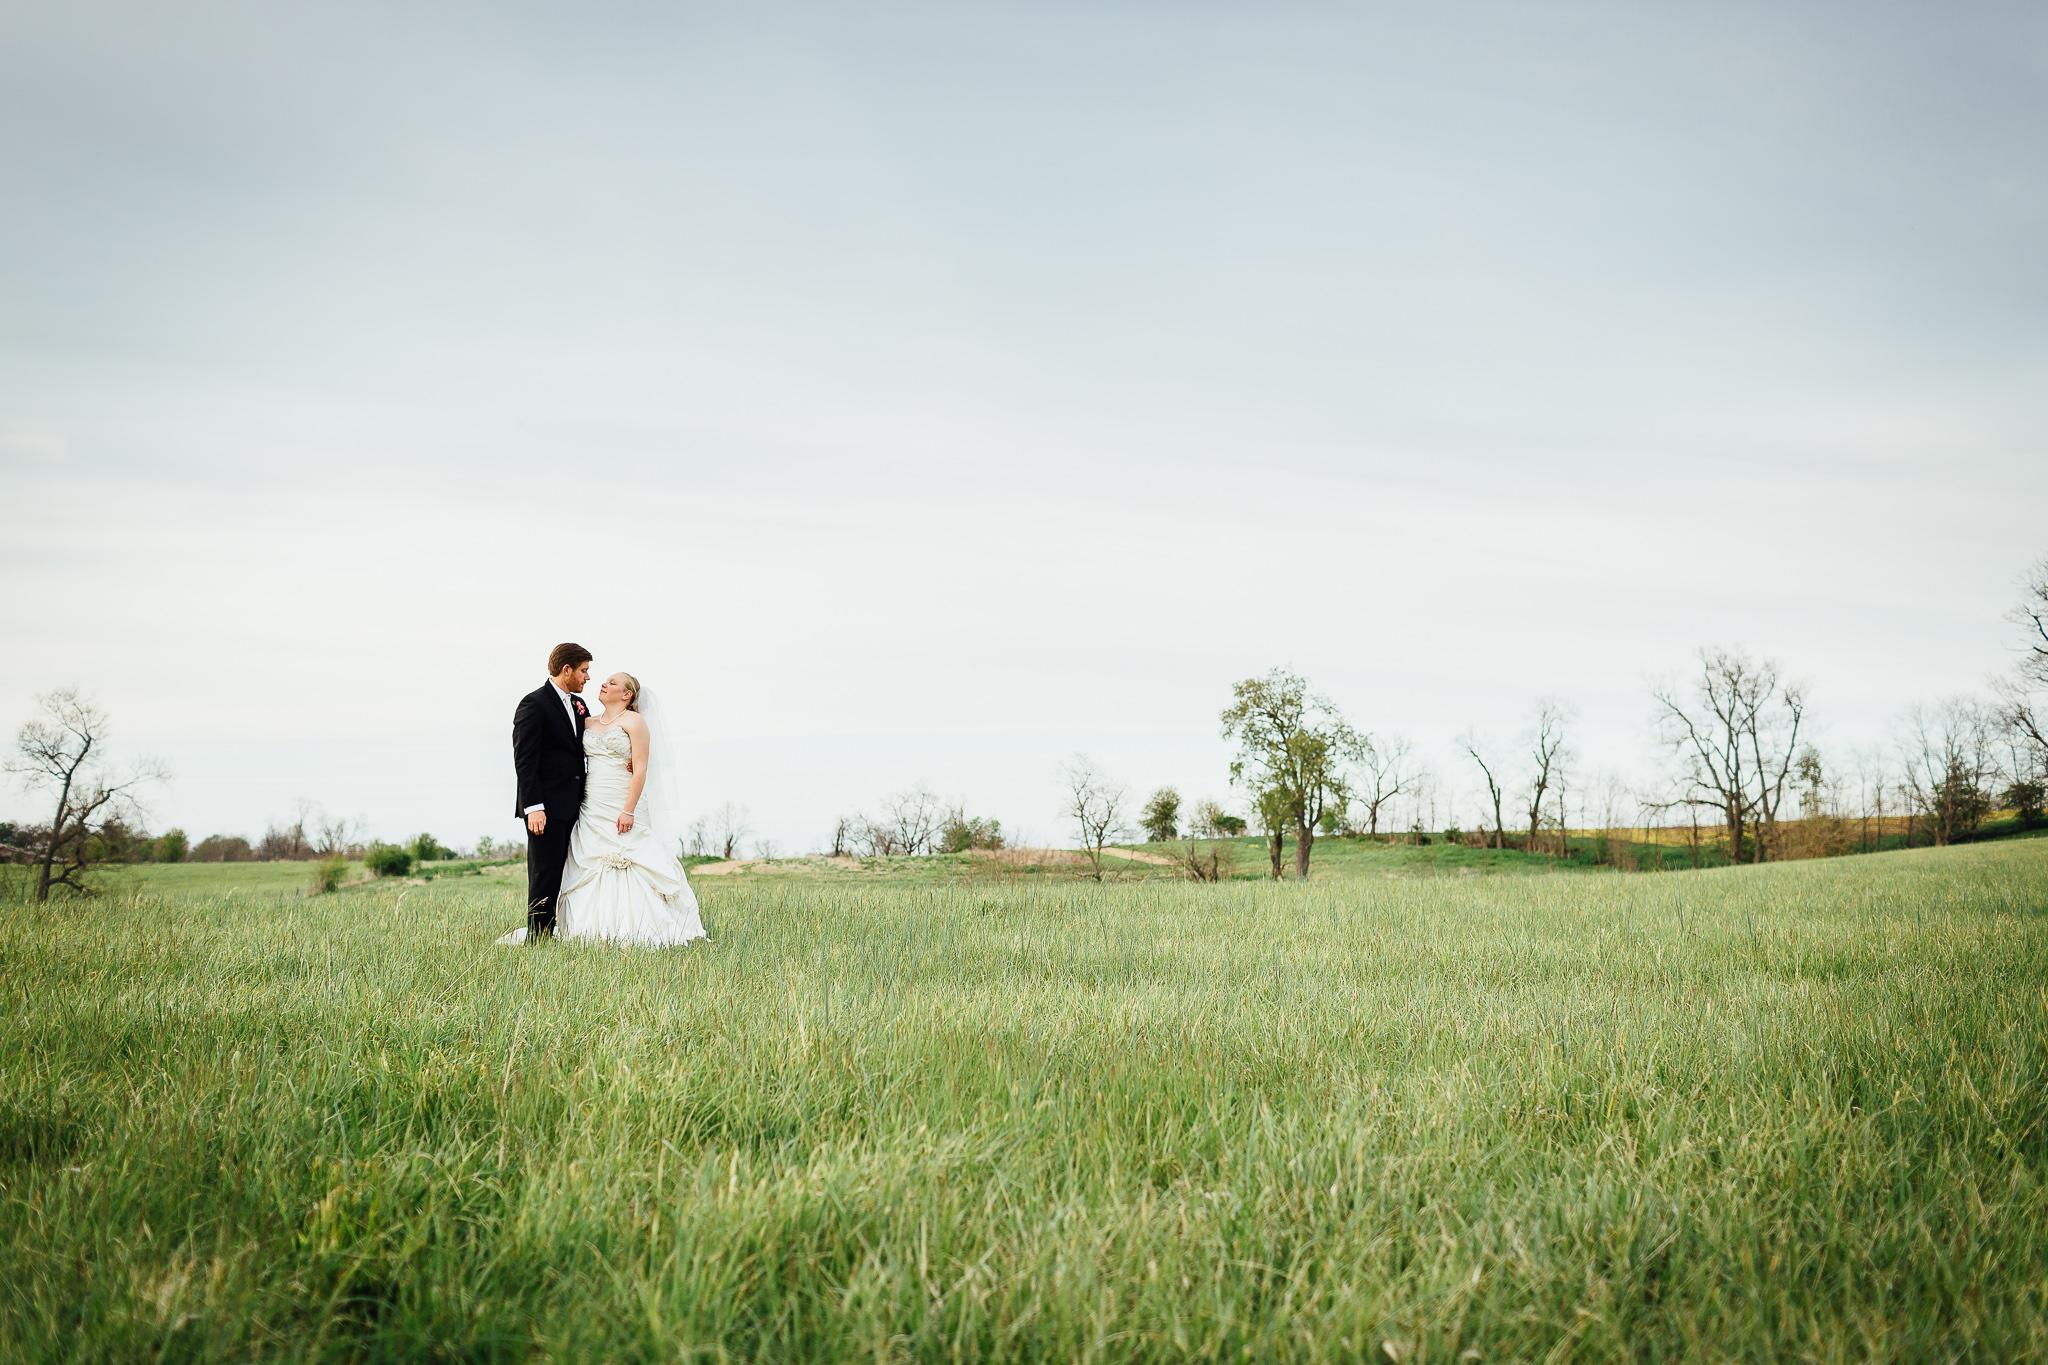 Zac & Miranda's wedding sb-88.jpg